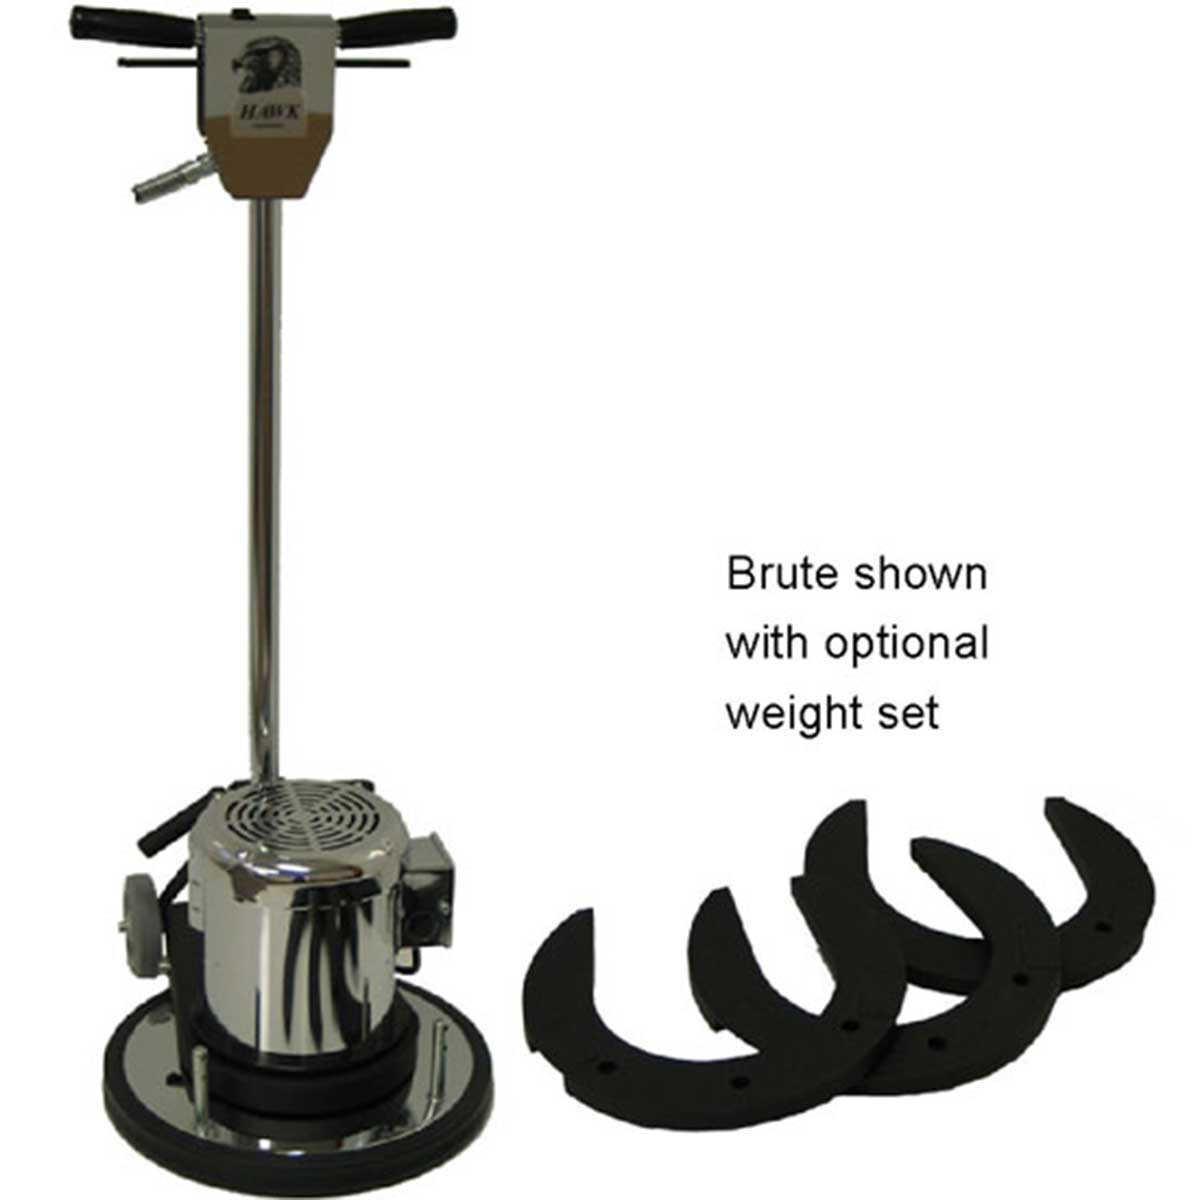 hawk brute floor machine weight set